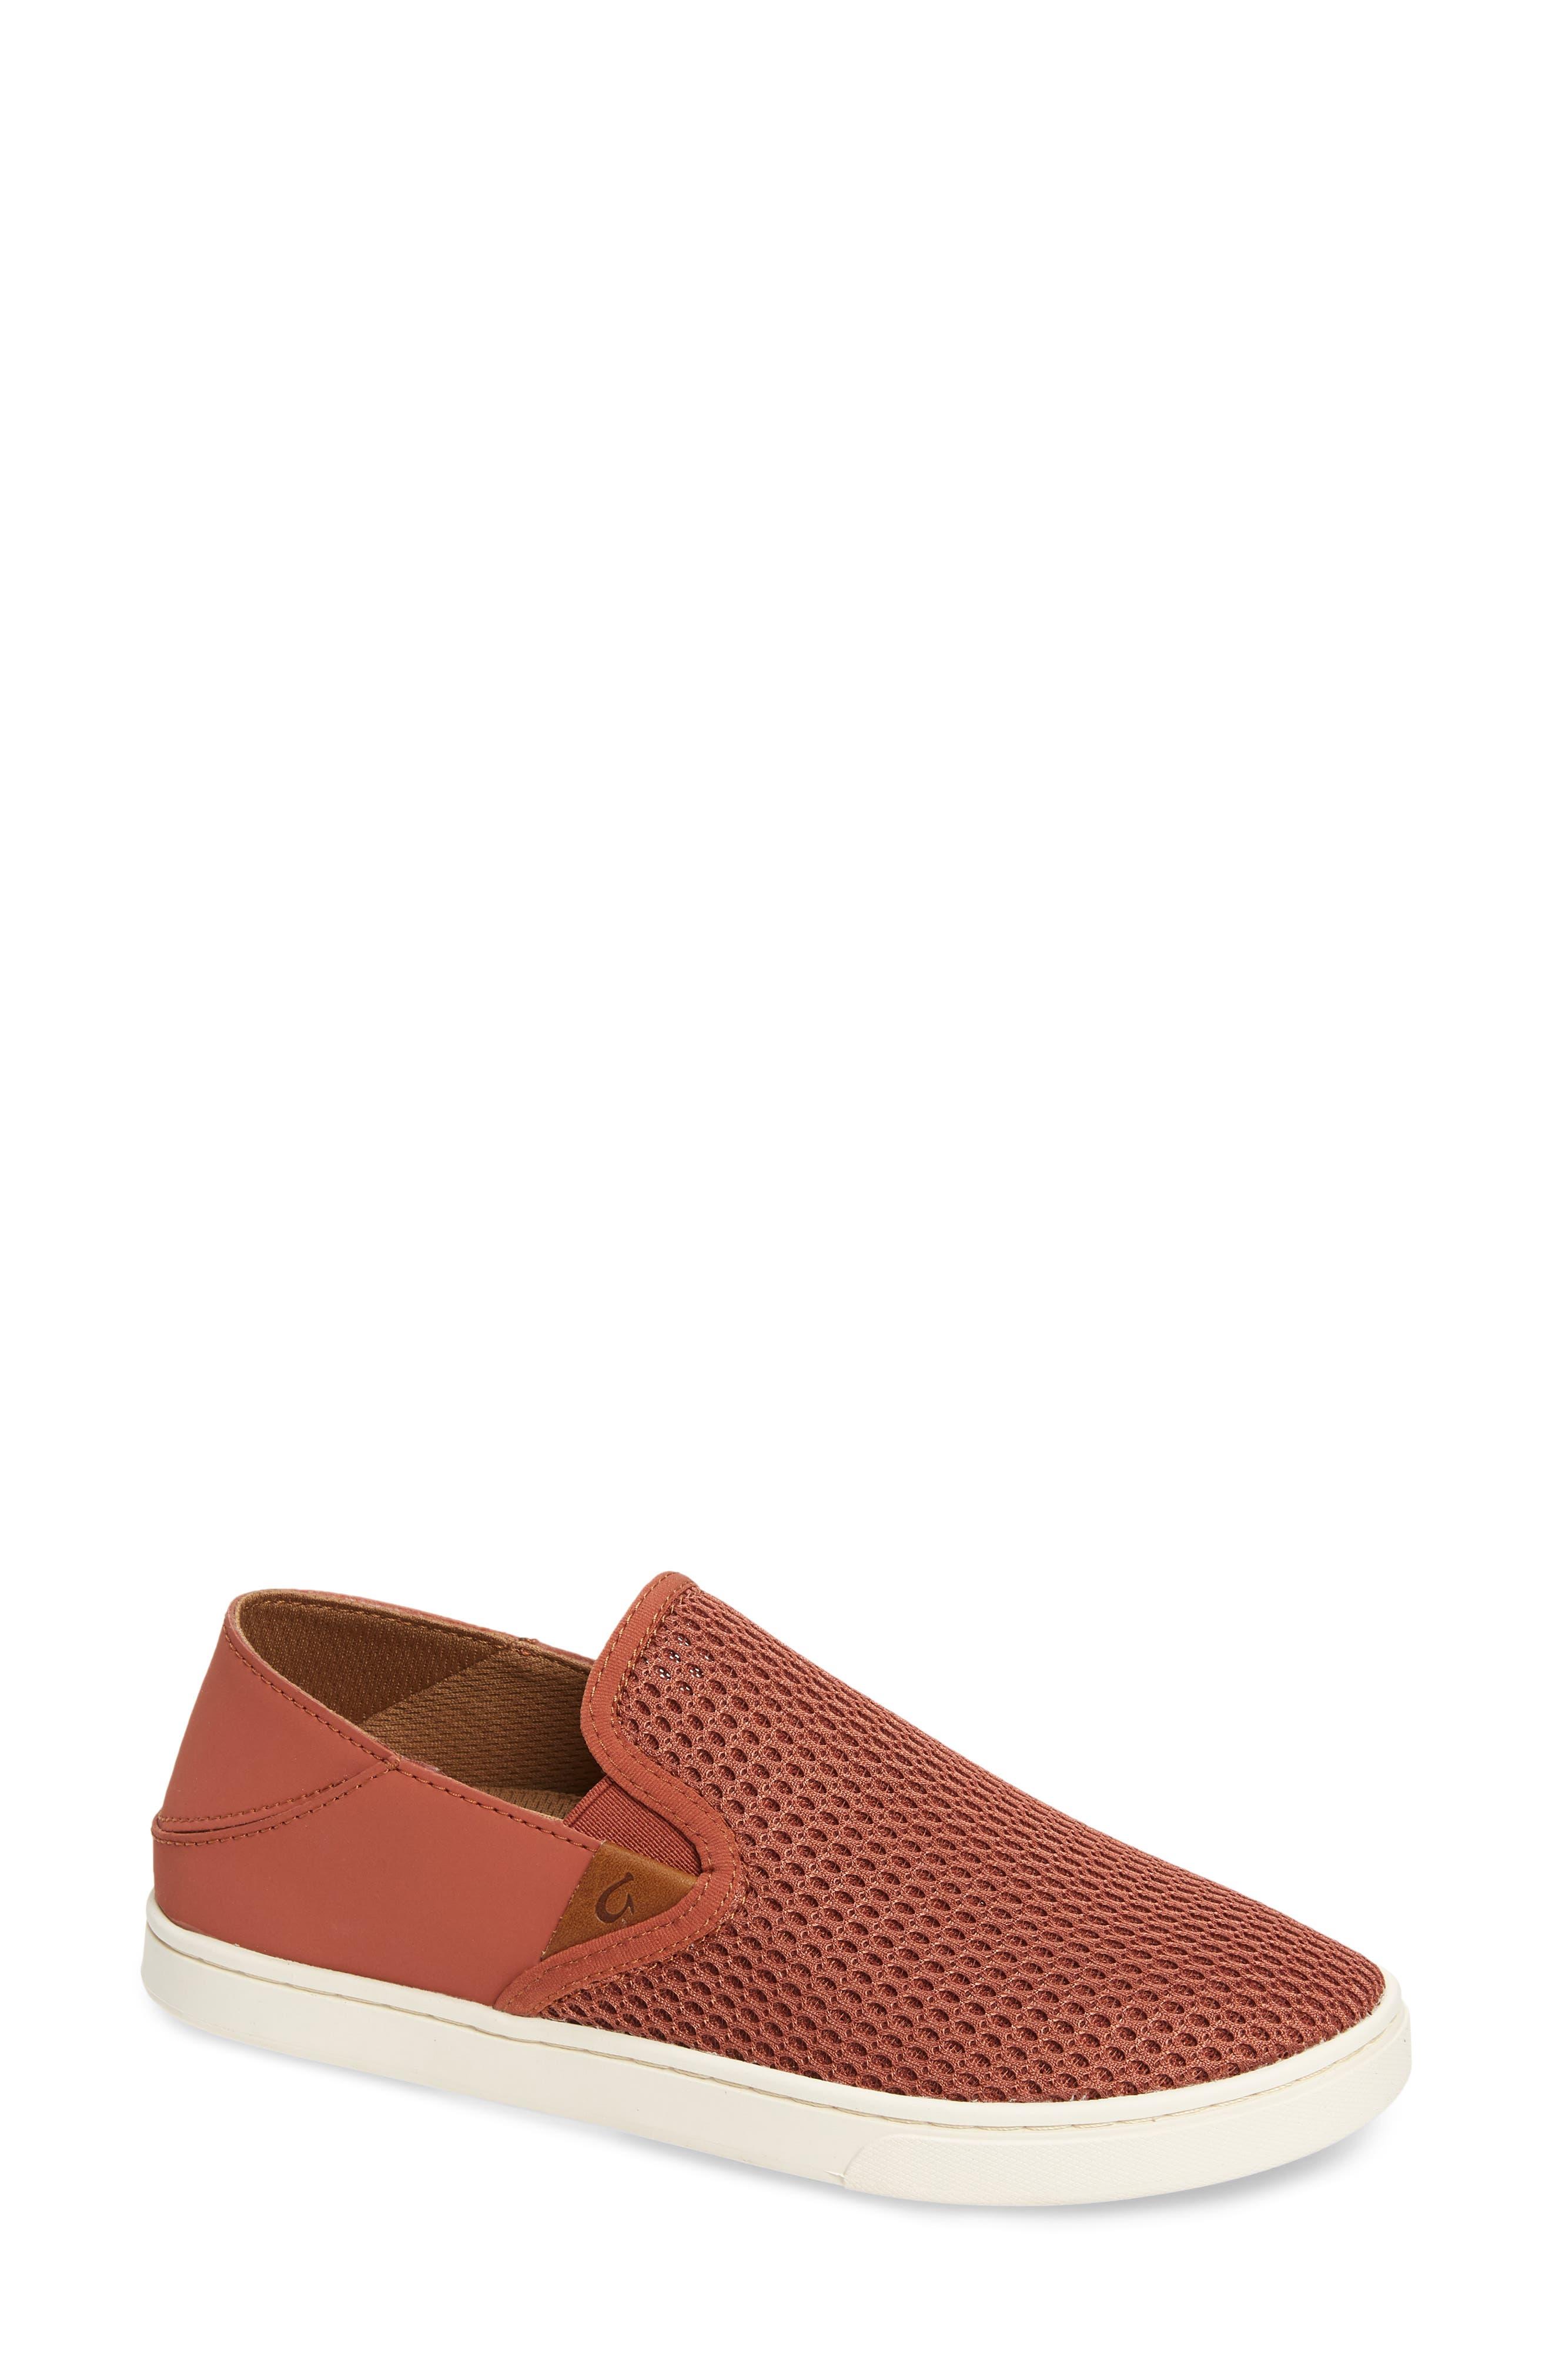 OluKai 'Pehuea' Slip-On Sneaker (Women